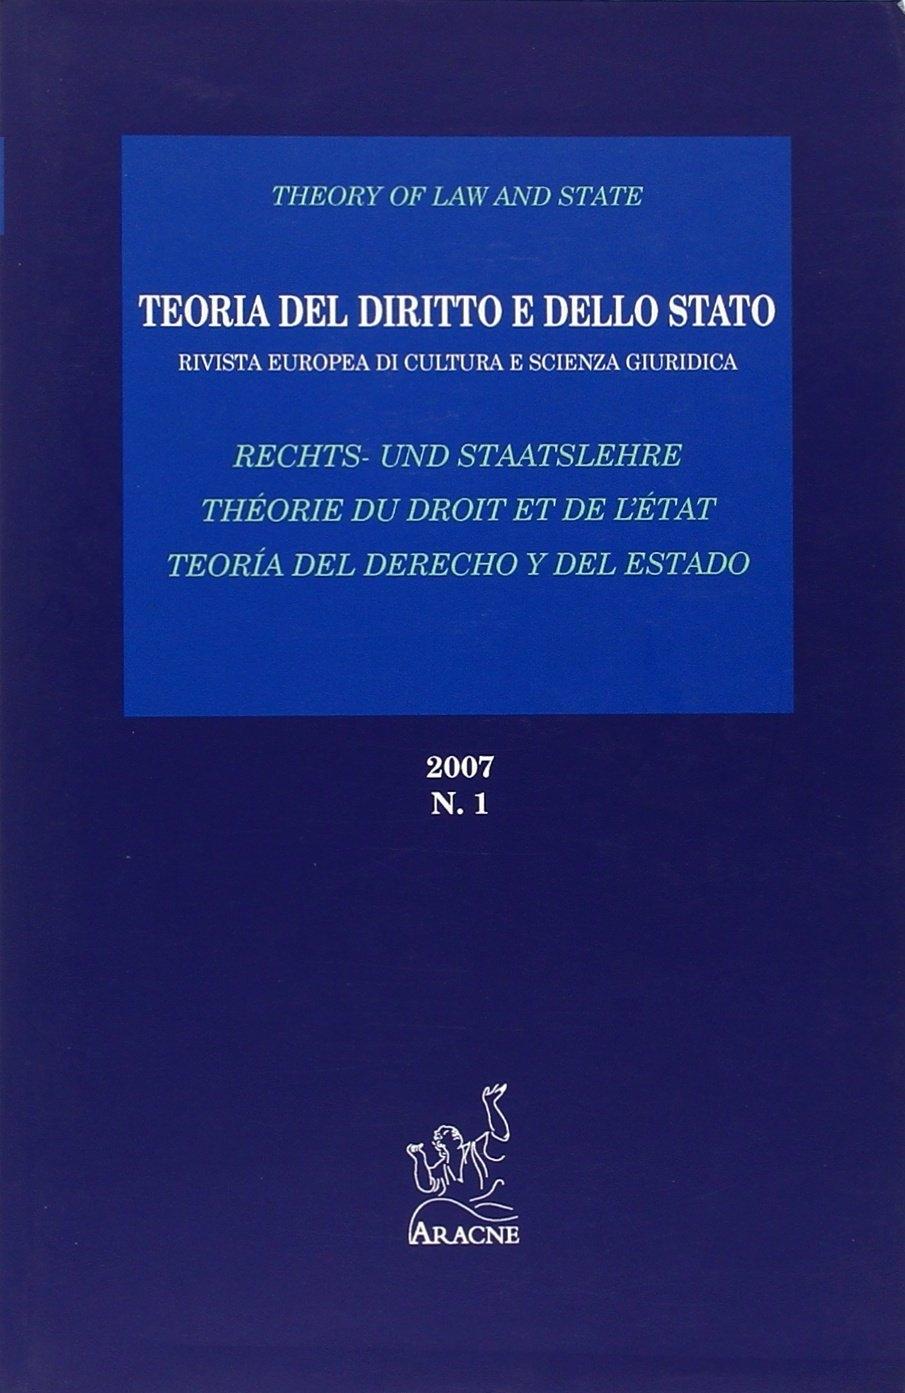 Teoria del Diritto e dello Stato. Rivista Europea di Cultura e Scienza Giuridica (2007). Vol. 1.